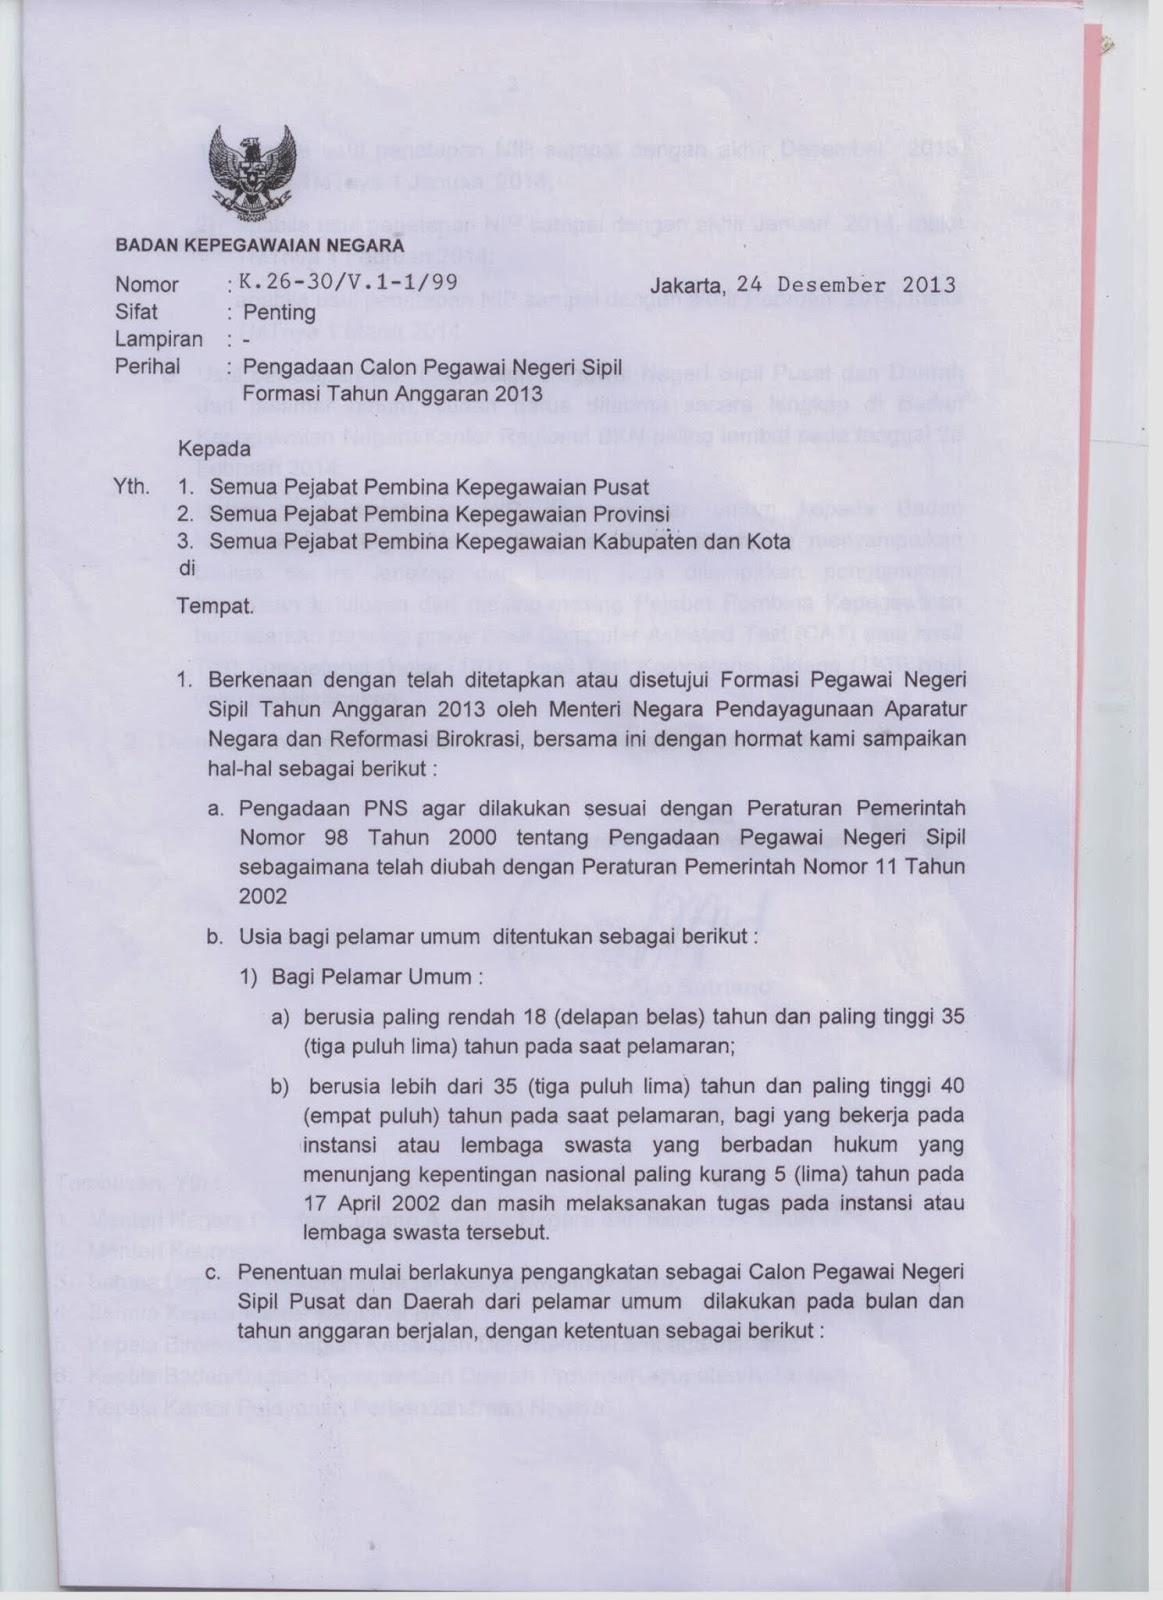 Cpns K2 2013 Banten K2 Banten Terbaru Juli 2016 Loker Bumn Cpns 2015 Penetapannipcpns2013 2014dantmtpns2013jpg